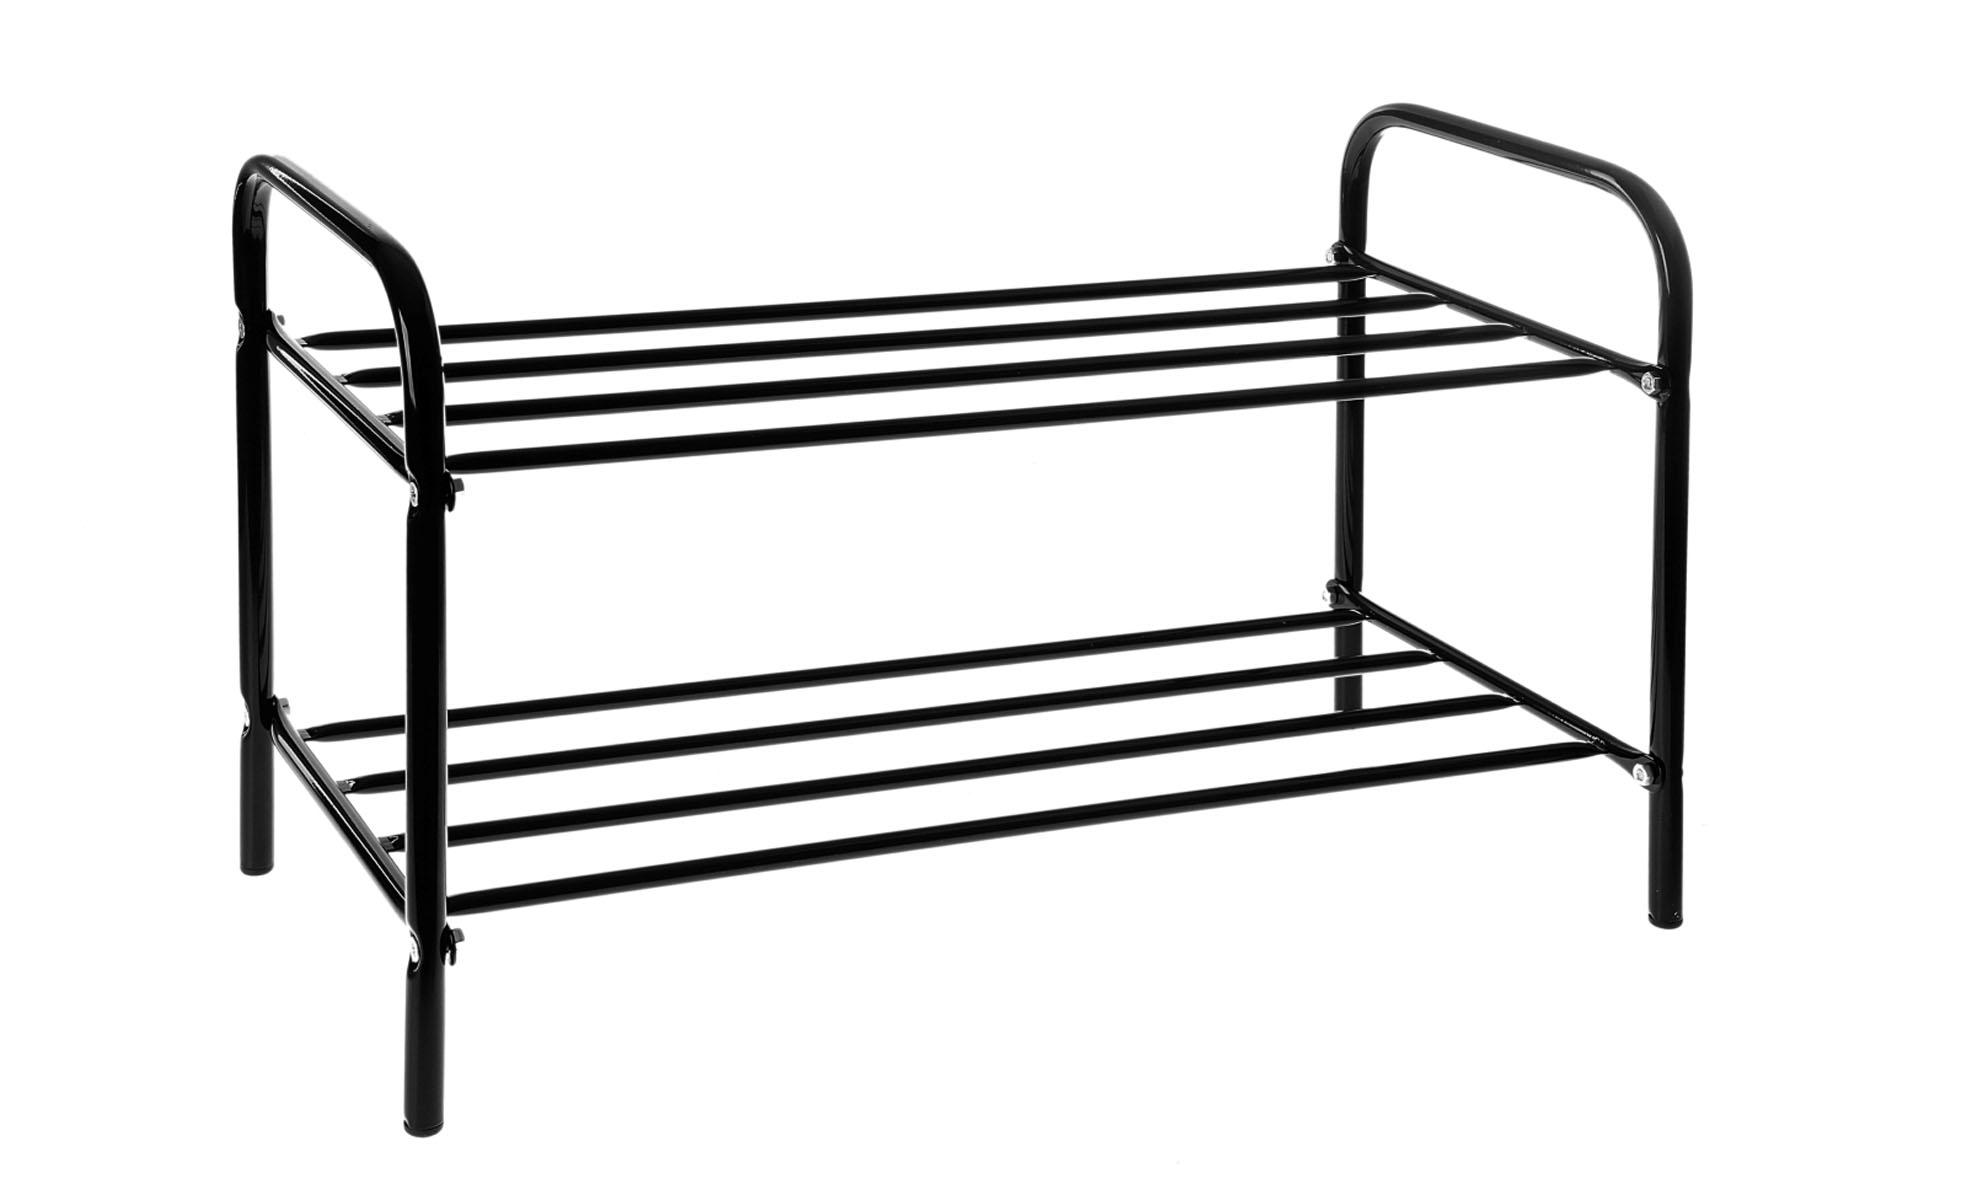 Подставка для обуви, 2 яруса, цвет: черный, 60 х 30 х 37 см192505Подставка для обуви представляет собой этажерку, выполненную из высококачественной стали. Содержит 2 яруса, на которых можно разместить по несколько пар обуви. Удобная, компактная и вместительная, такая подставка идеально впишется в интерьер прихожей. Она поможет легко организовать пространство и аккуратно хранить вашу обувь, стильный и необычный дизайн сделает ее оригинальным элементом декора.Крепления для сборки в комплекте. Размер подставки (ДхШхВ): 60 см х 30 см х 37 см.